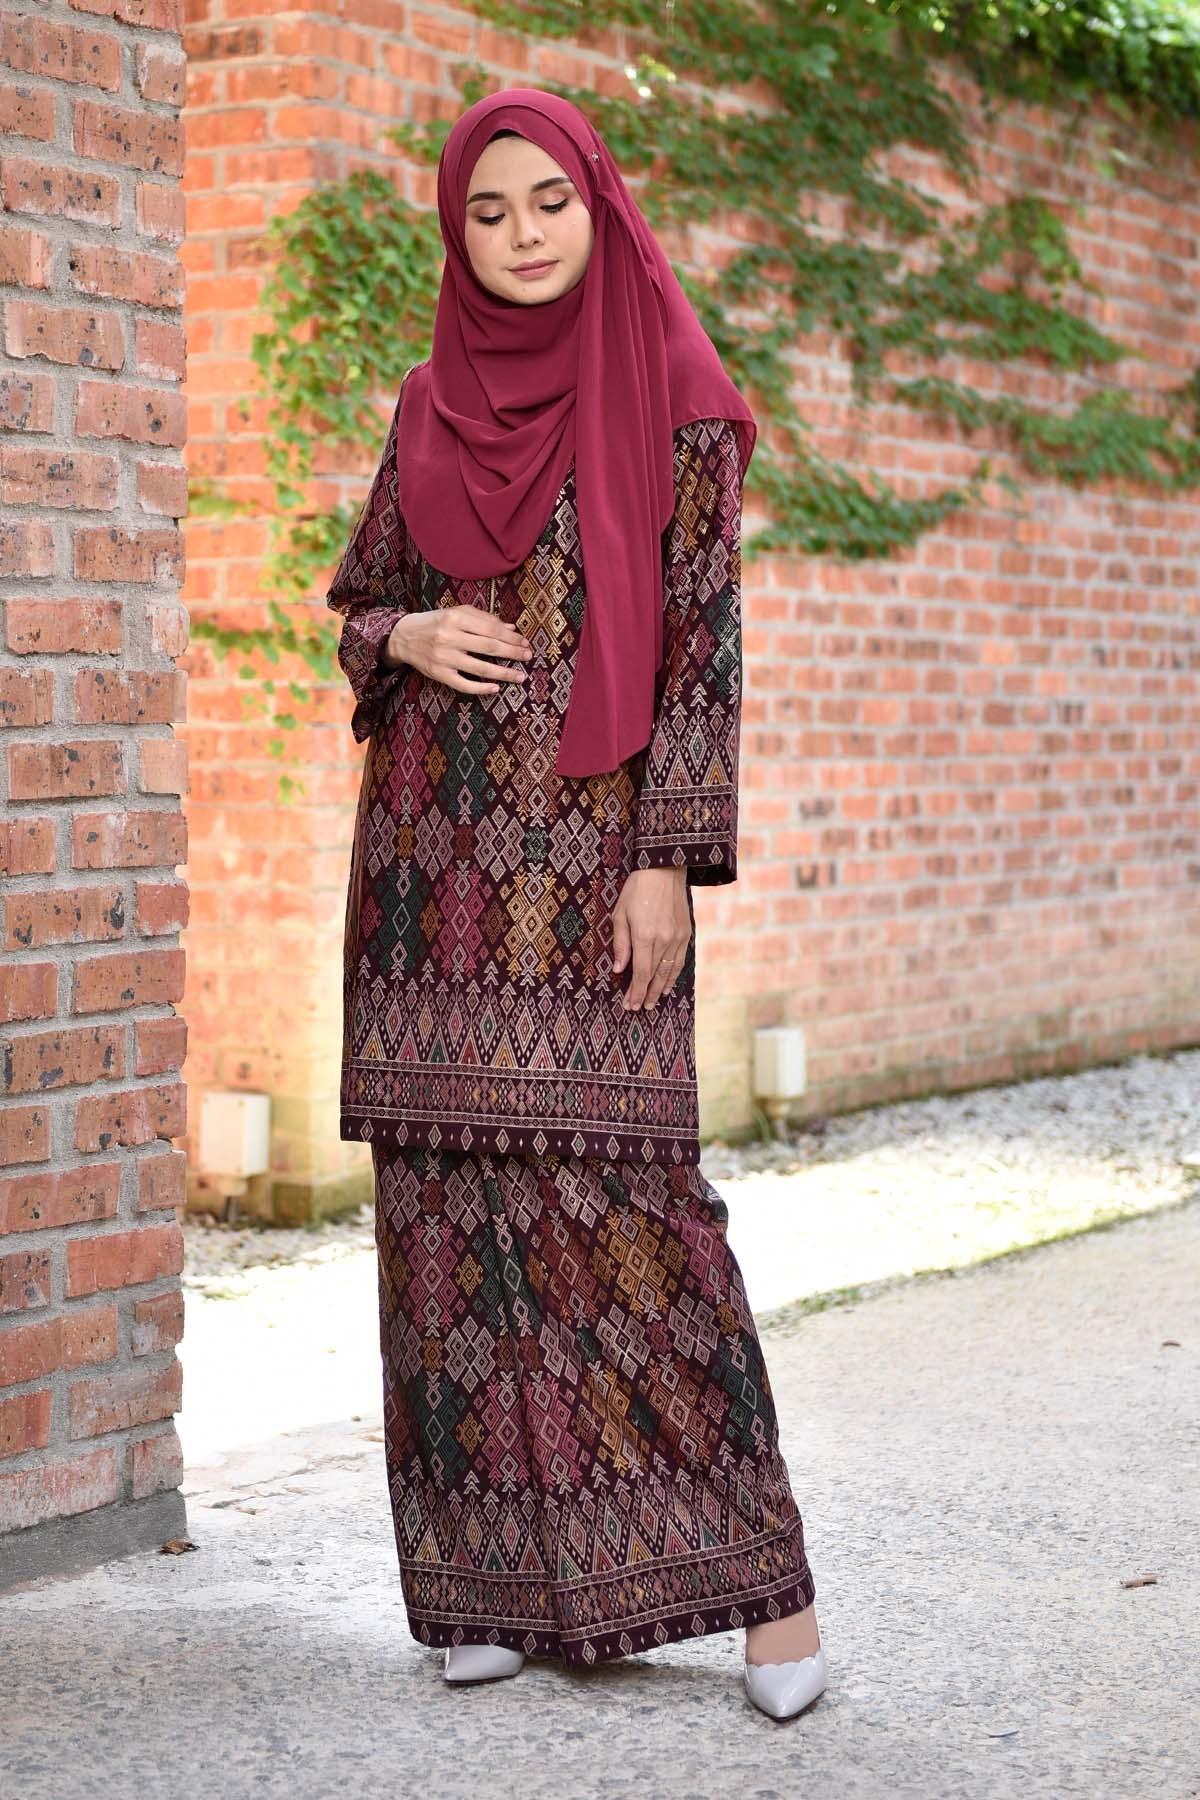 Ide Gaun Bridesmaid Hijab Gdd0 Baju Kurung songket Luella Deep Maroon